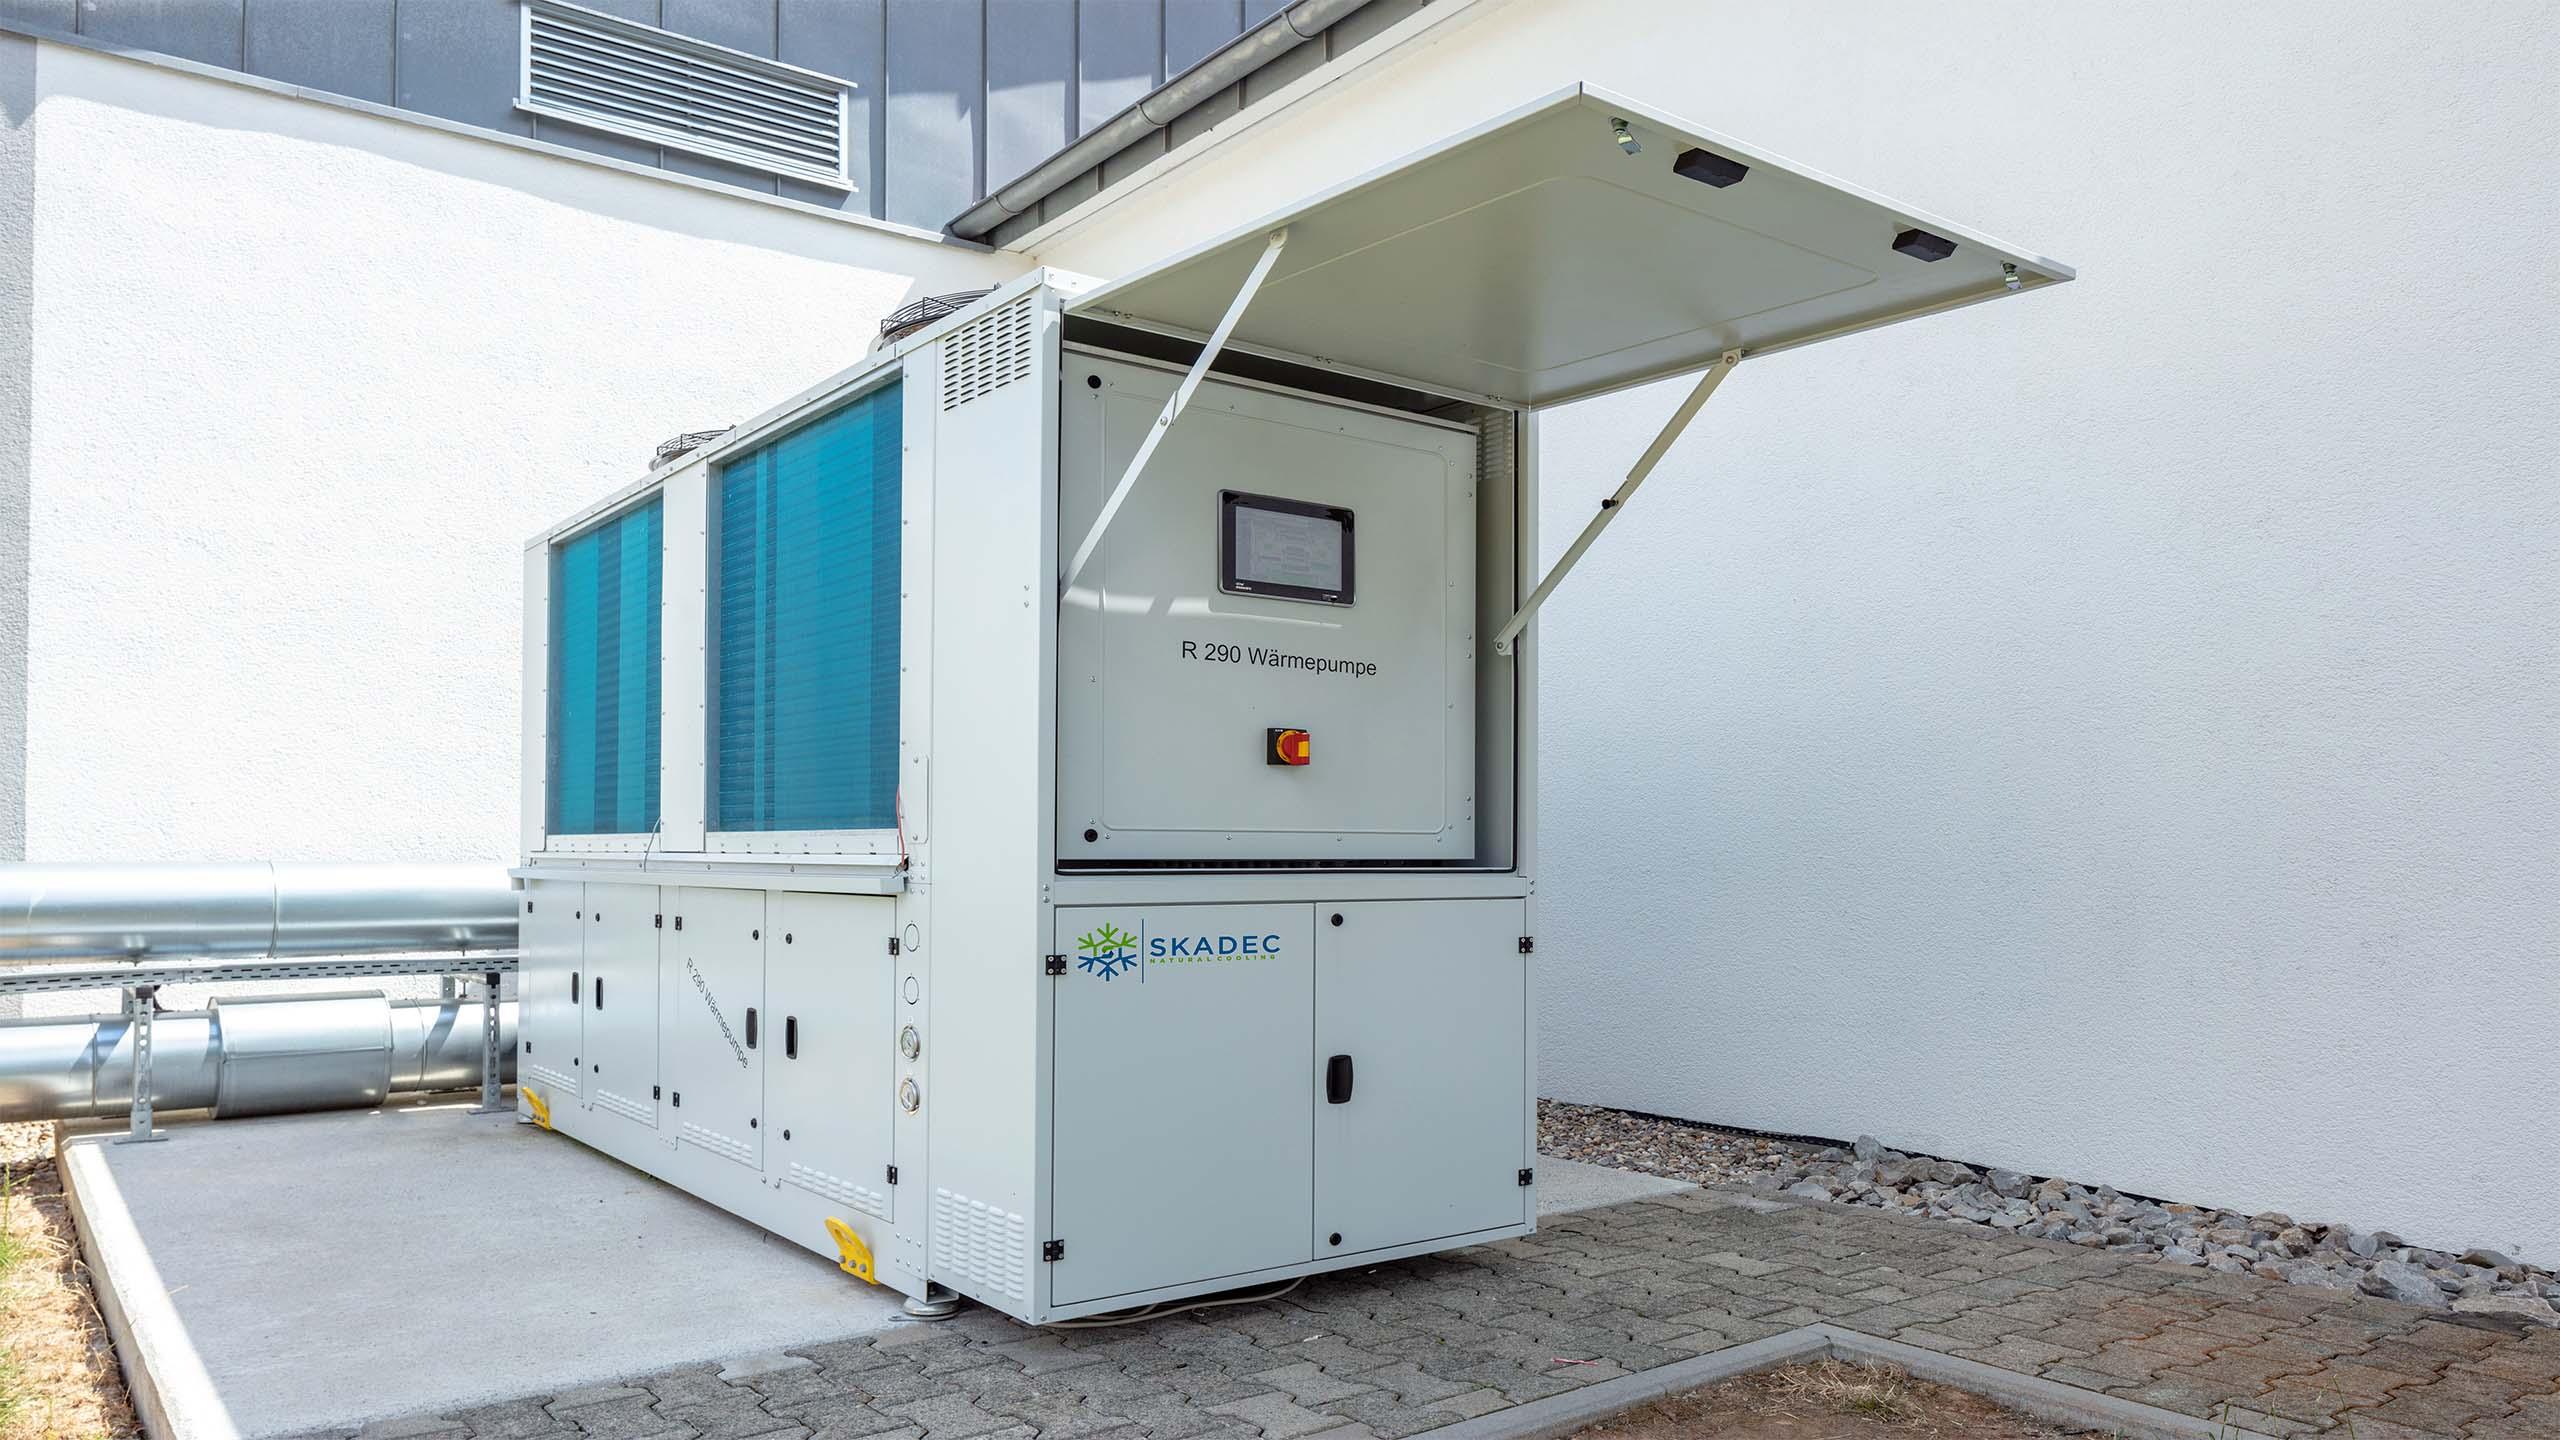 R290 heat pump